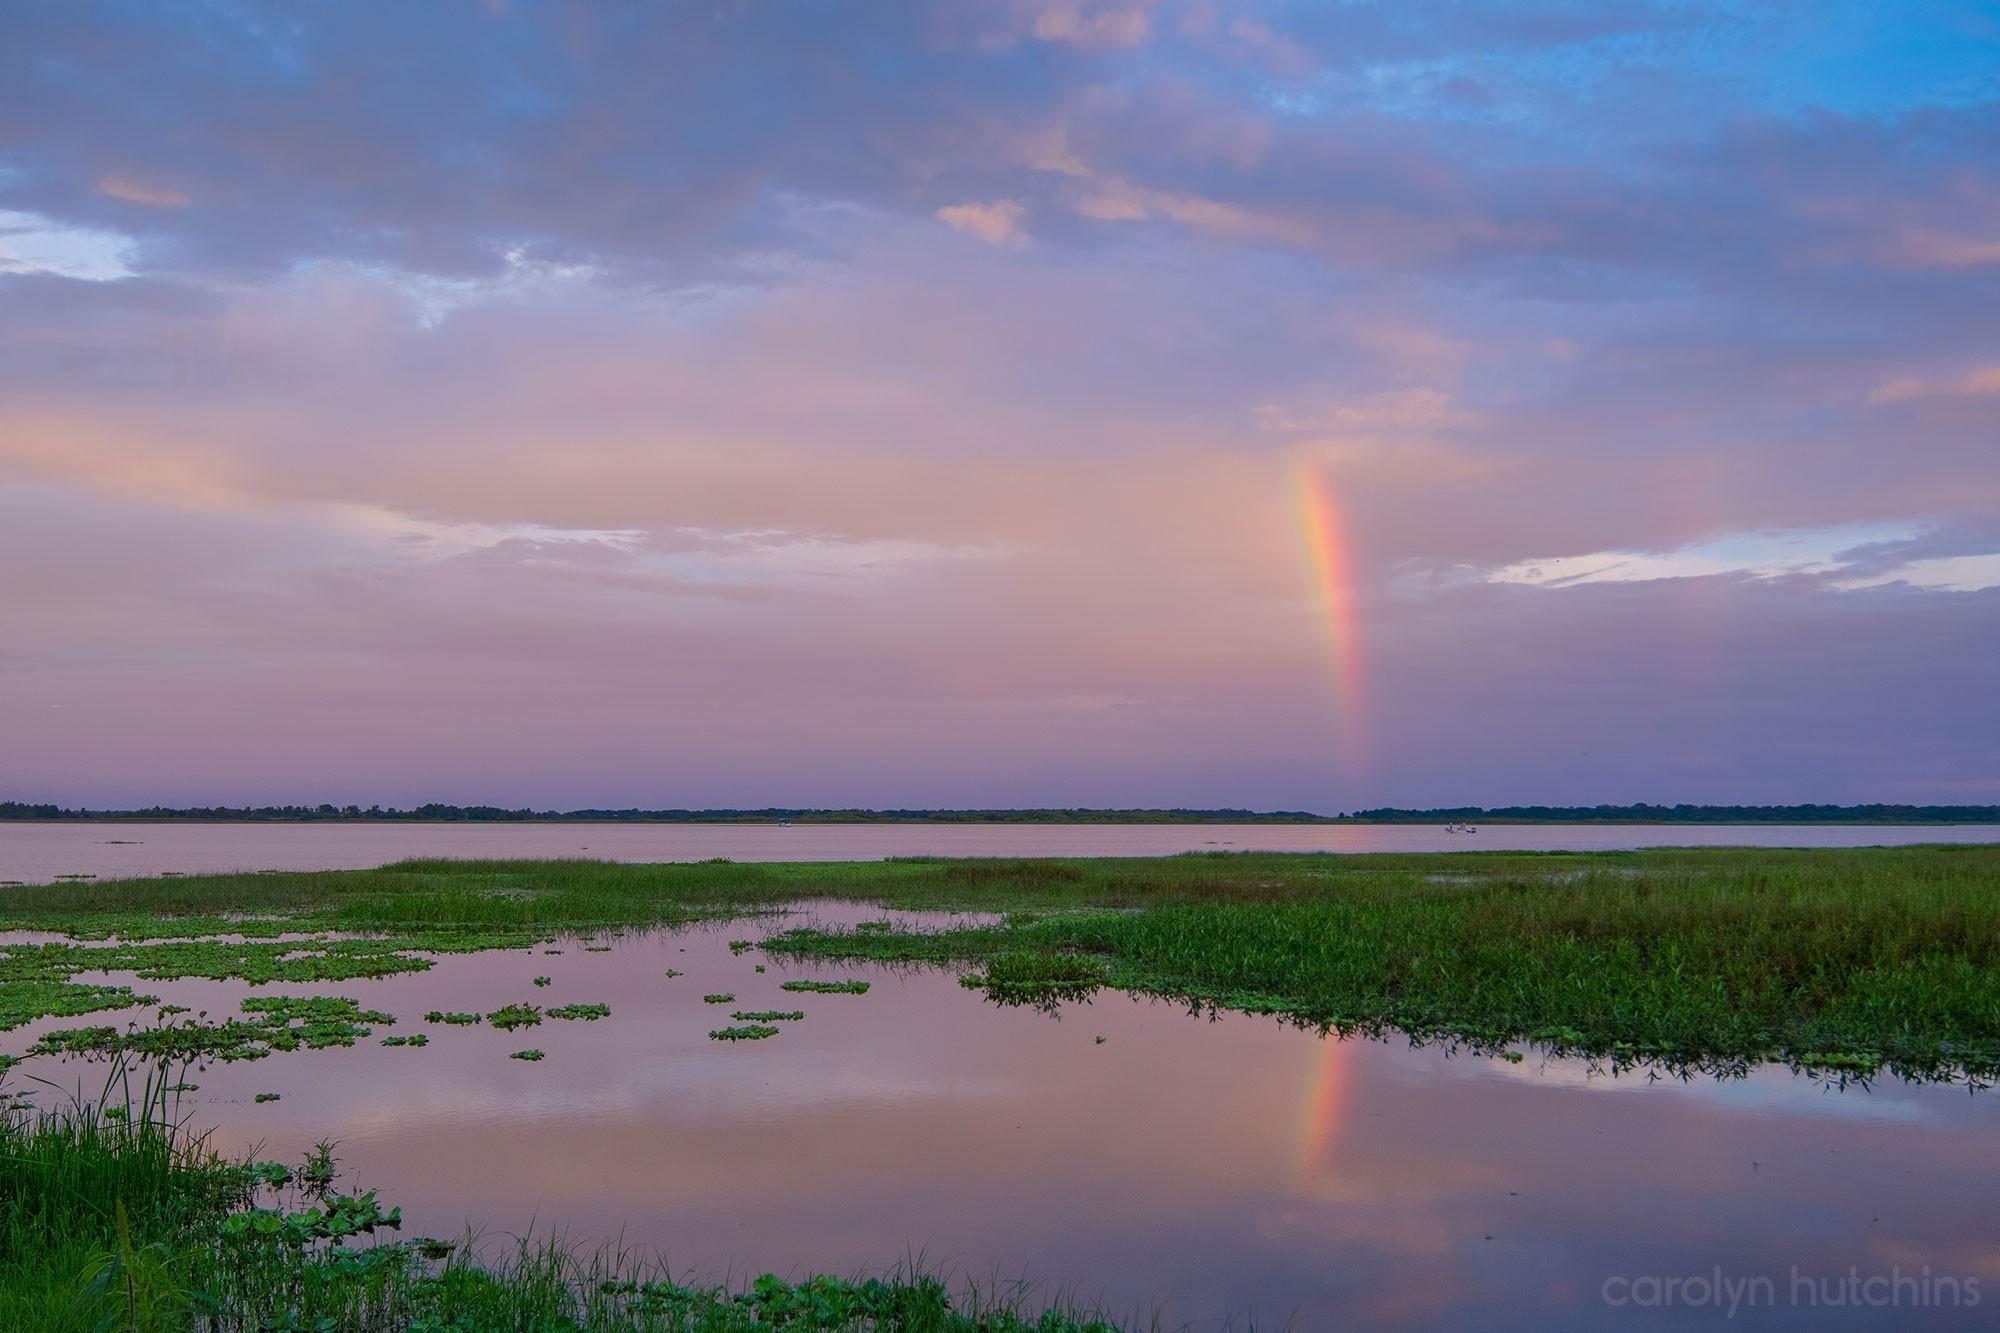 Kissimmee Lakefront Sunset Rainbow – Nikon D500 & Tamron 15-30 G2